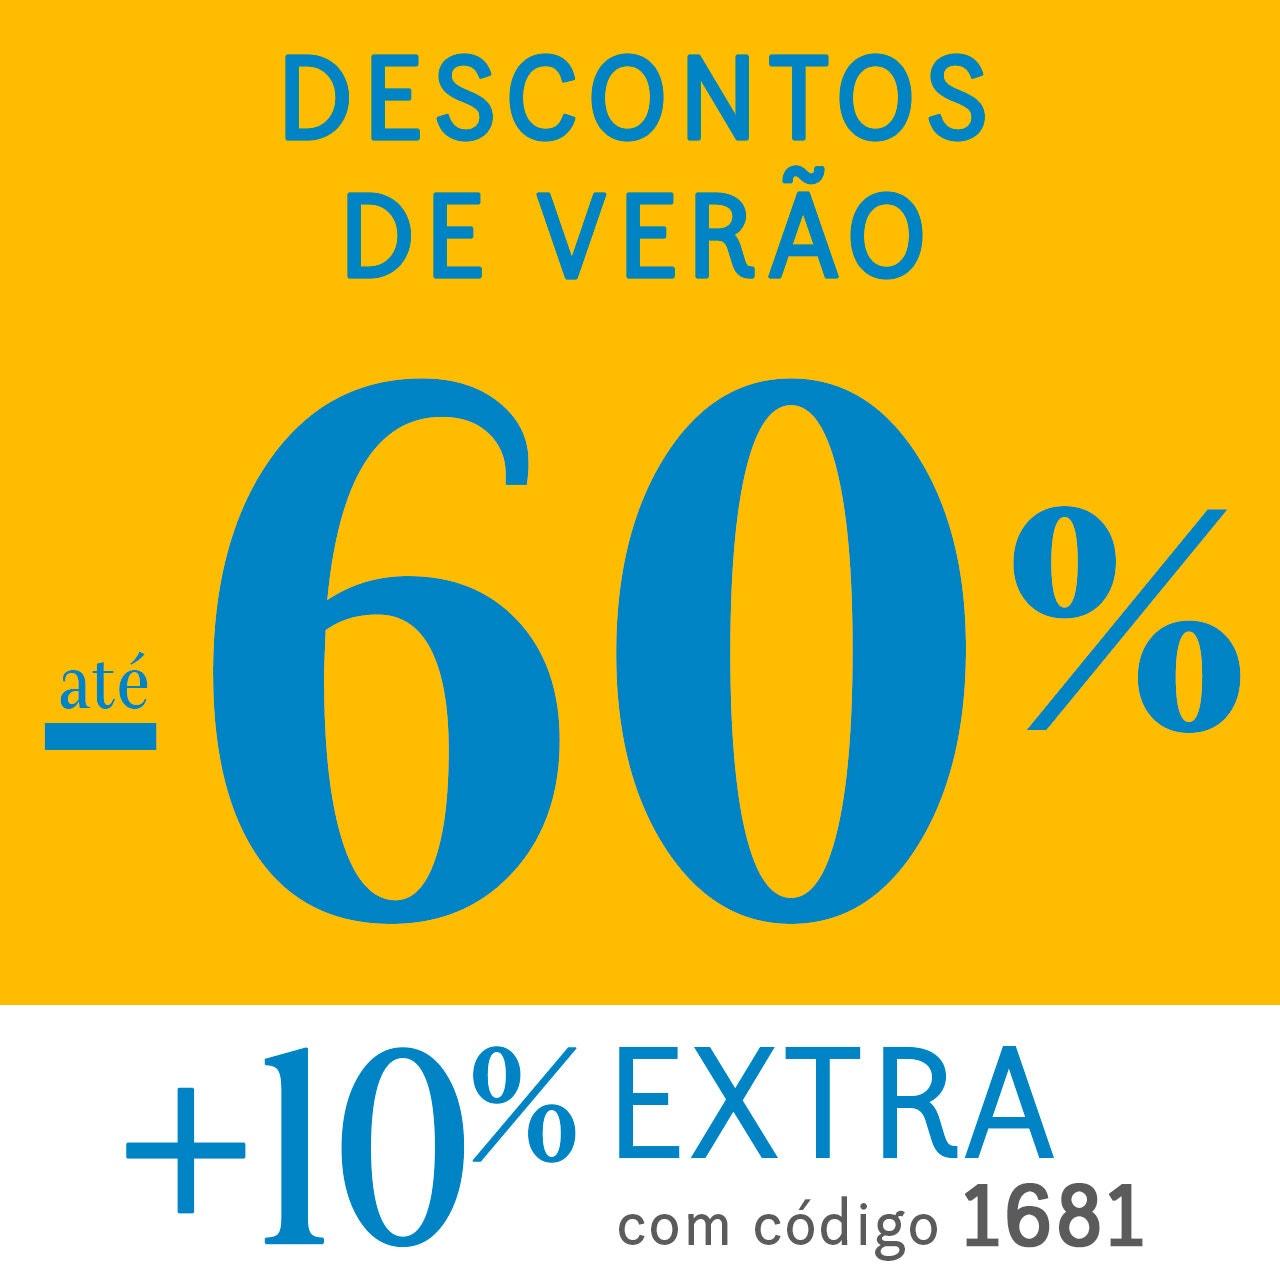 Descontos de verão até 60% + 10% extra com o código 1681